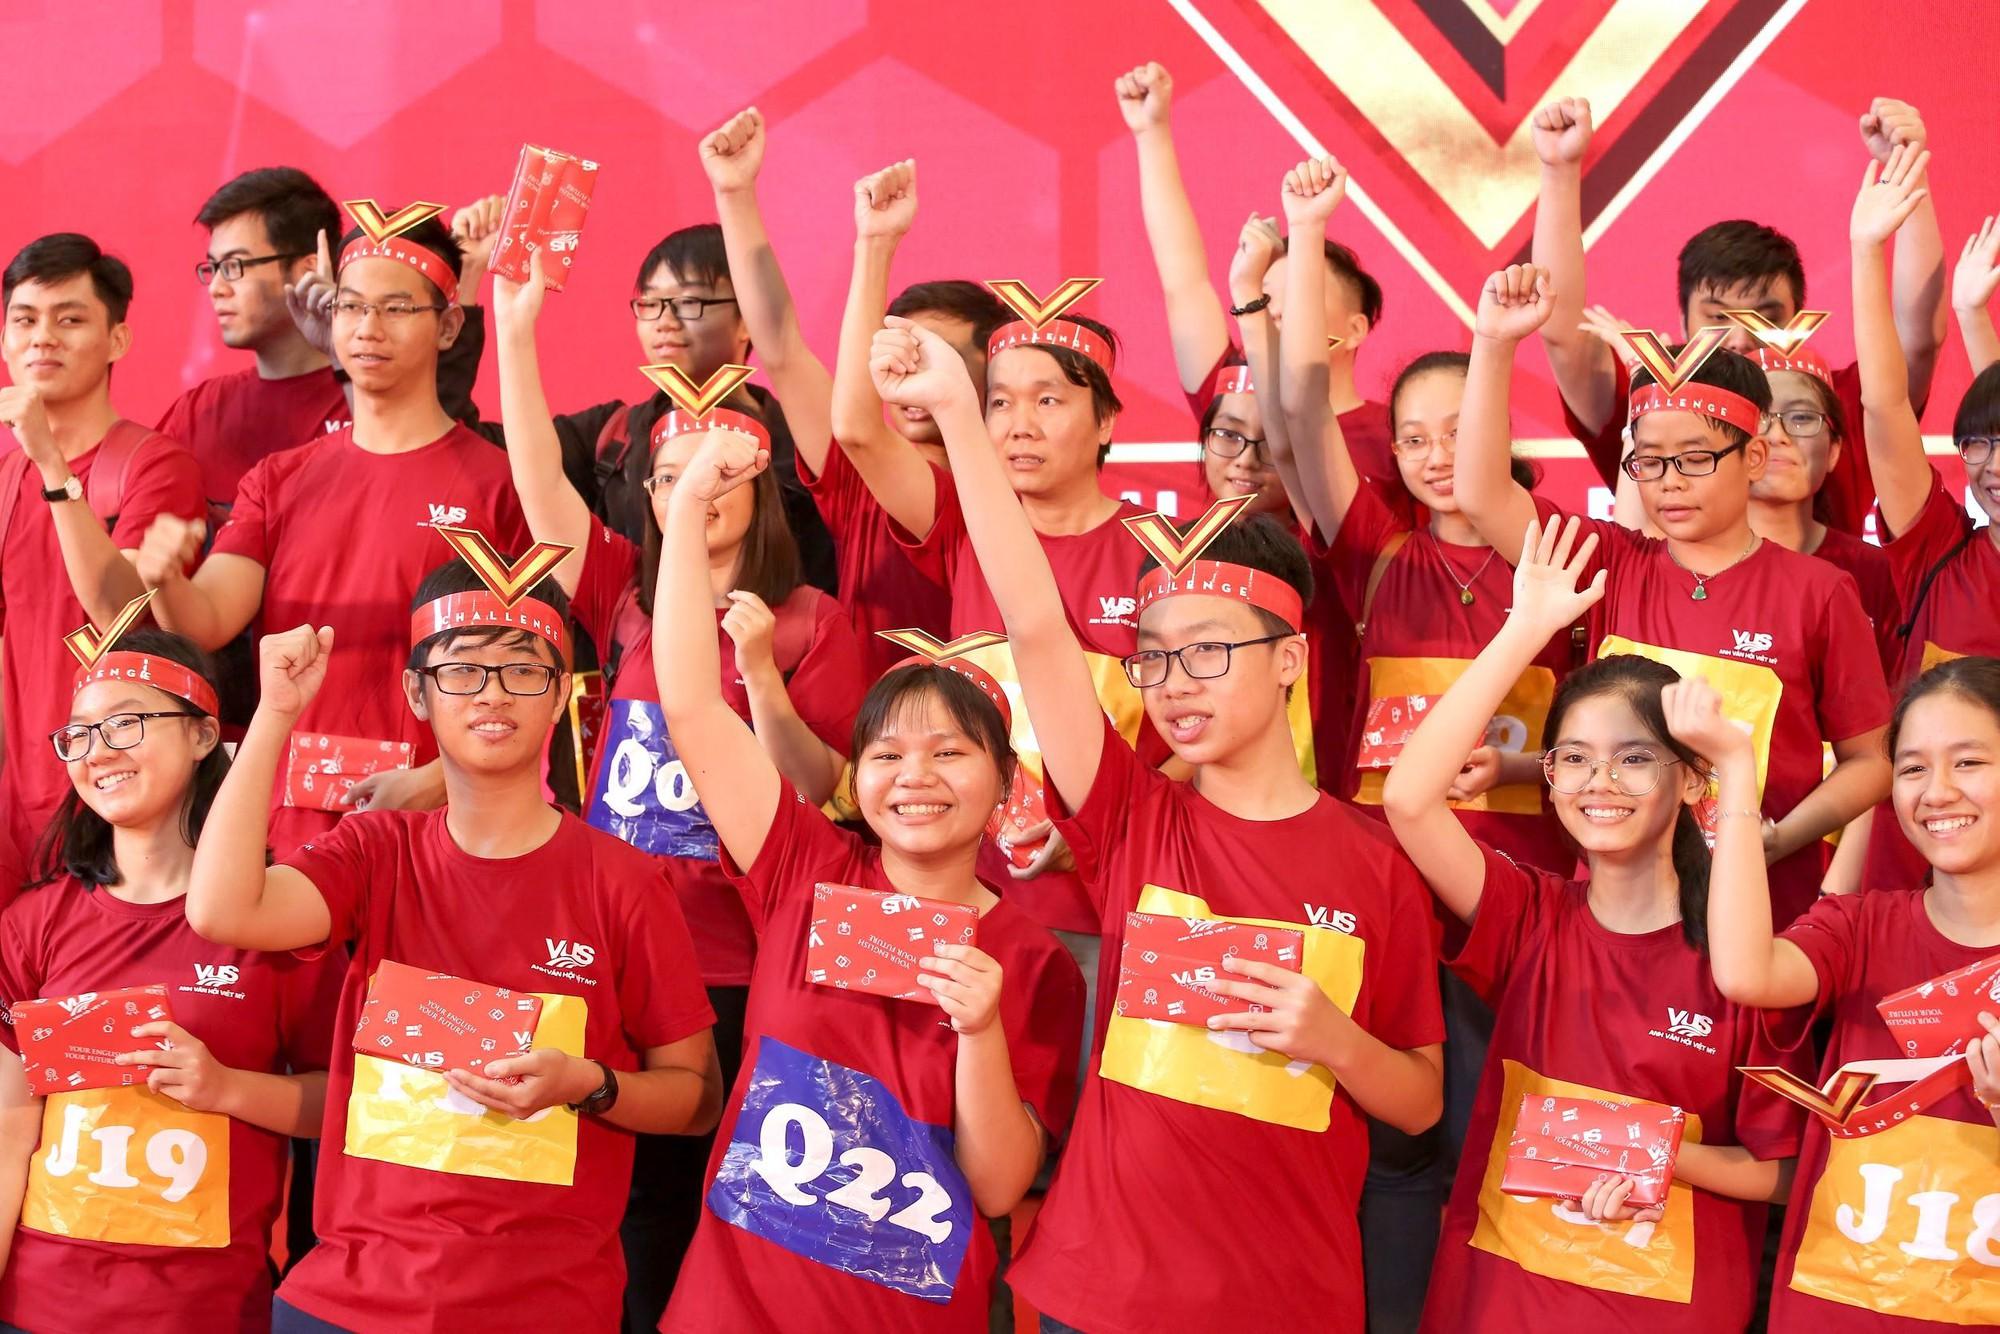 Chung kết V-Challenge 2019: Thử thách trí tuệ đầy hấp dẫn với 608 bạn trẻ học viên VUS - Ảnh 7.